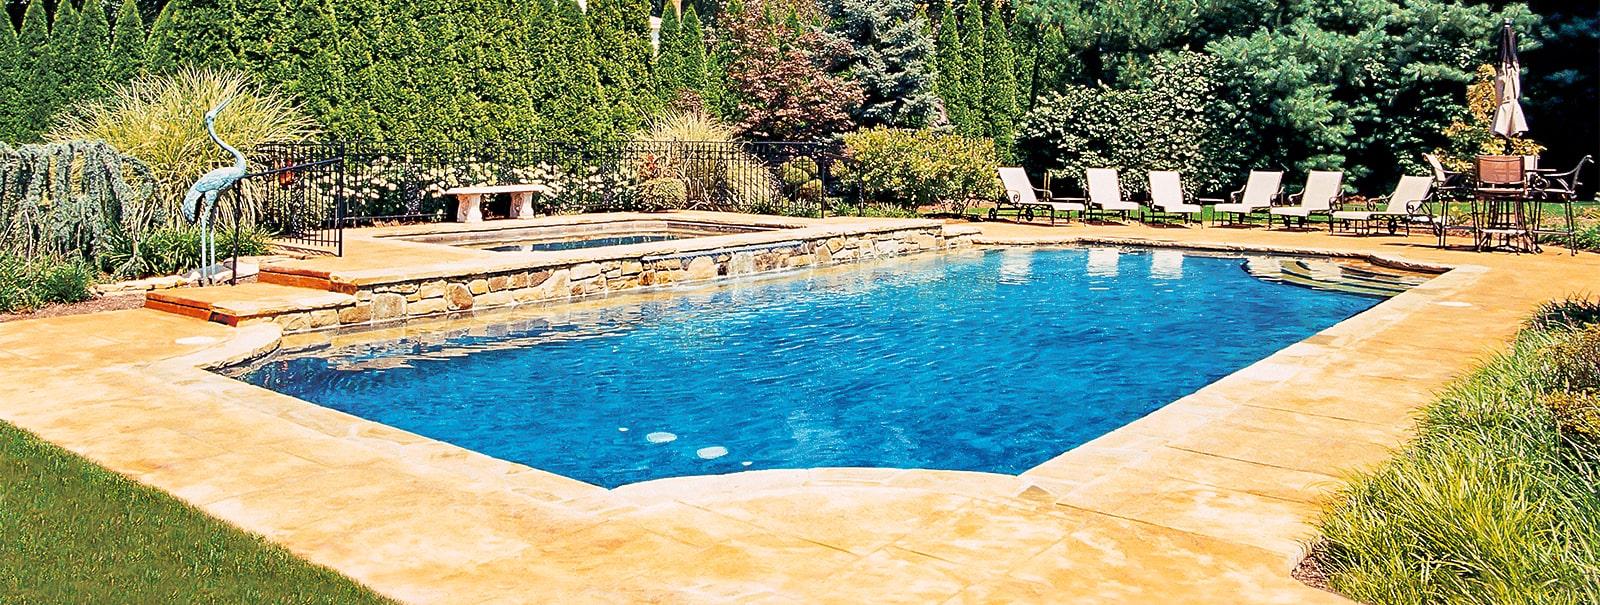 West Virginia Custom Swimming Pool Buildersblue Haven Pools